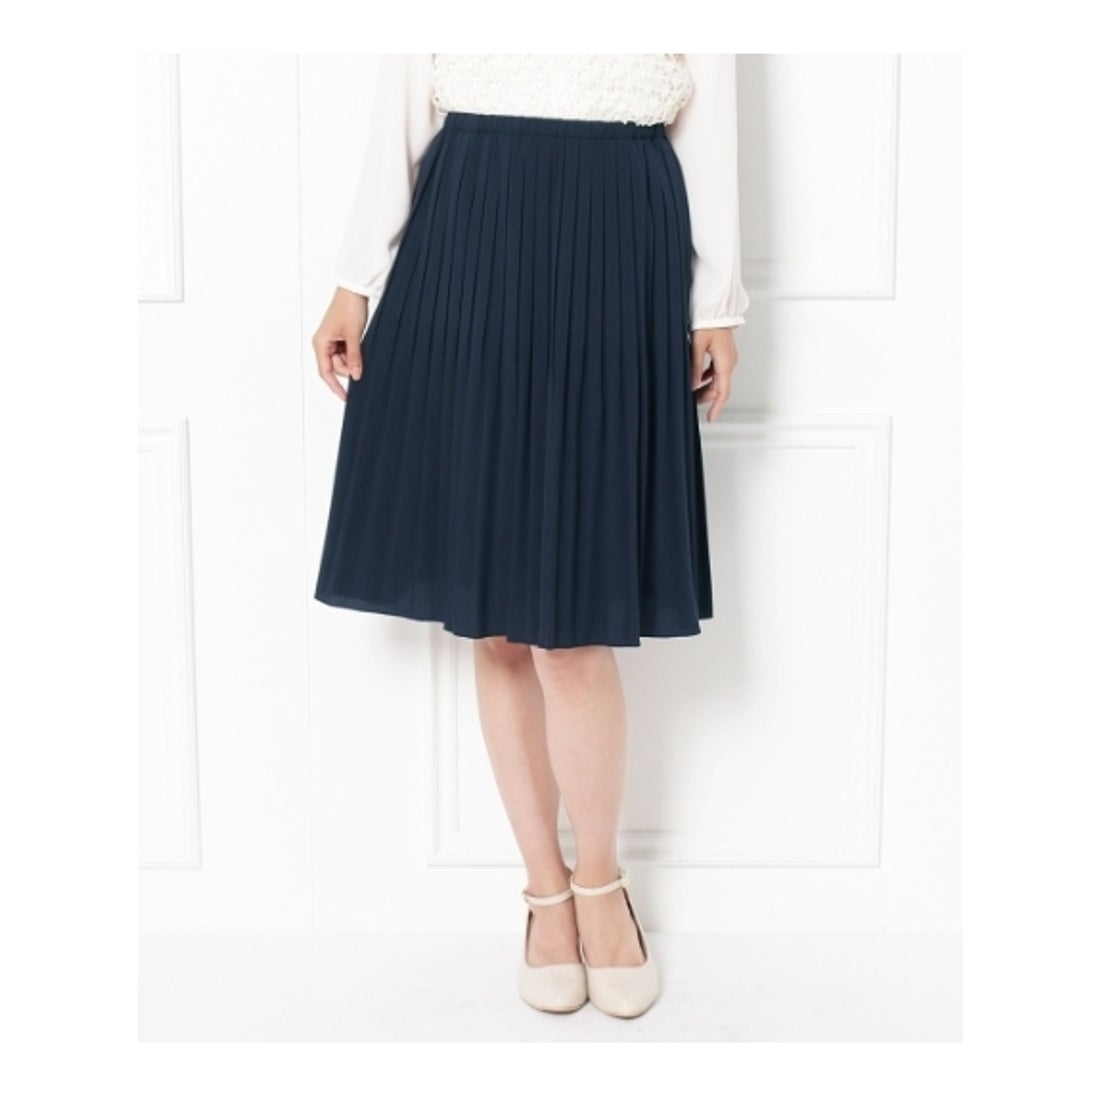 ロコンド 靴とファッションの通販サイトグローブgrove【オンライン限定先行販売】細プリーツスカート(ネイビー)